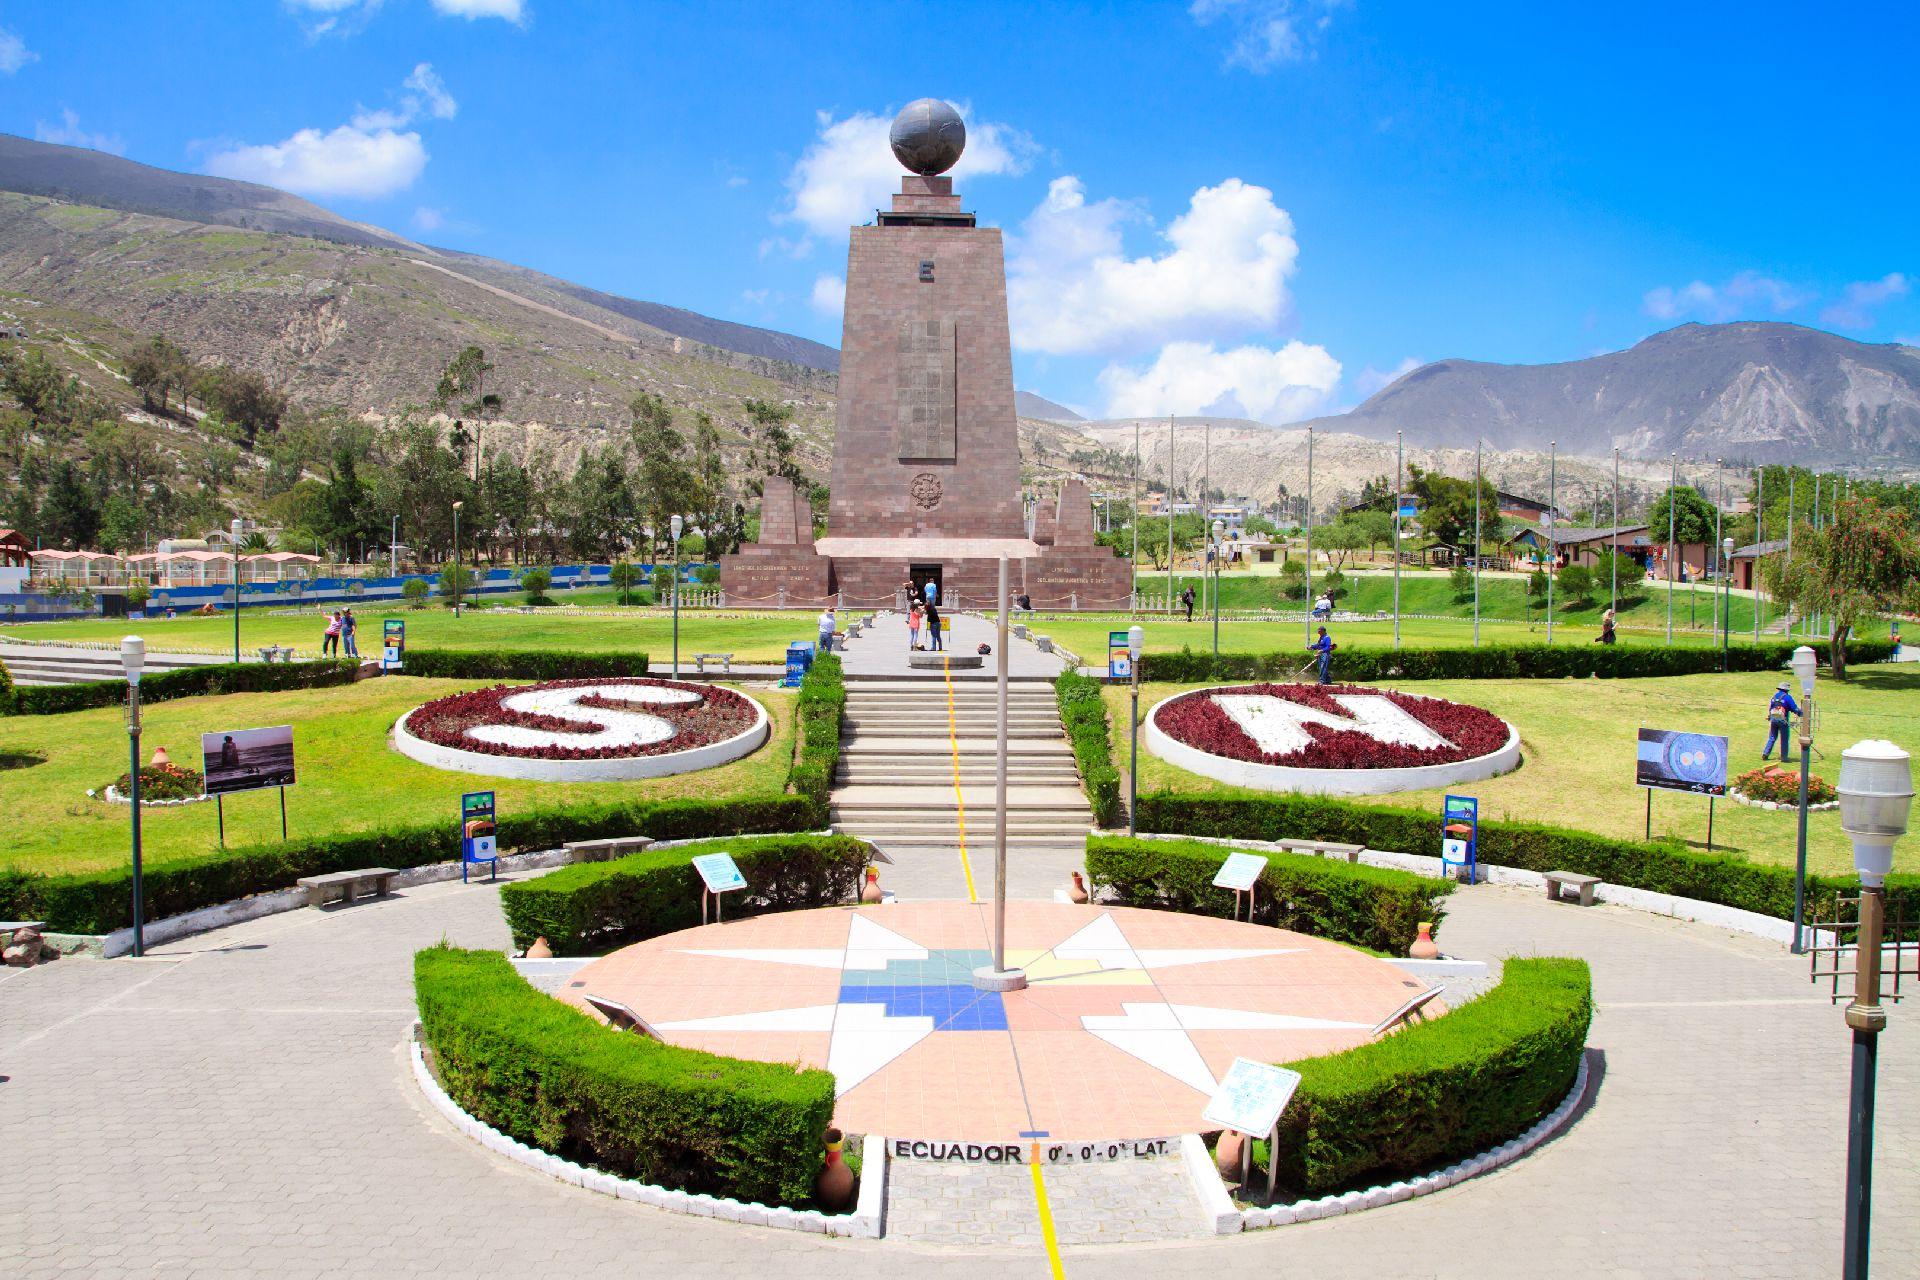 O monumento que marca a divisão do mundo em dois hemisférios, a Linha do Equador, é um dos mais procurados pelos turistas. Foto: Bigstock